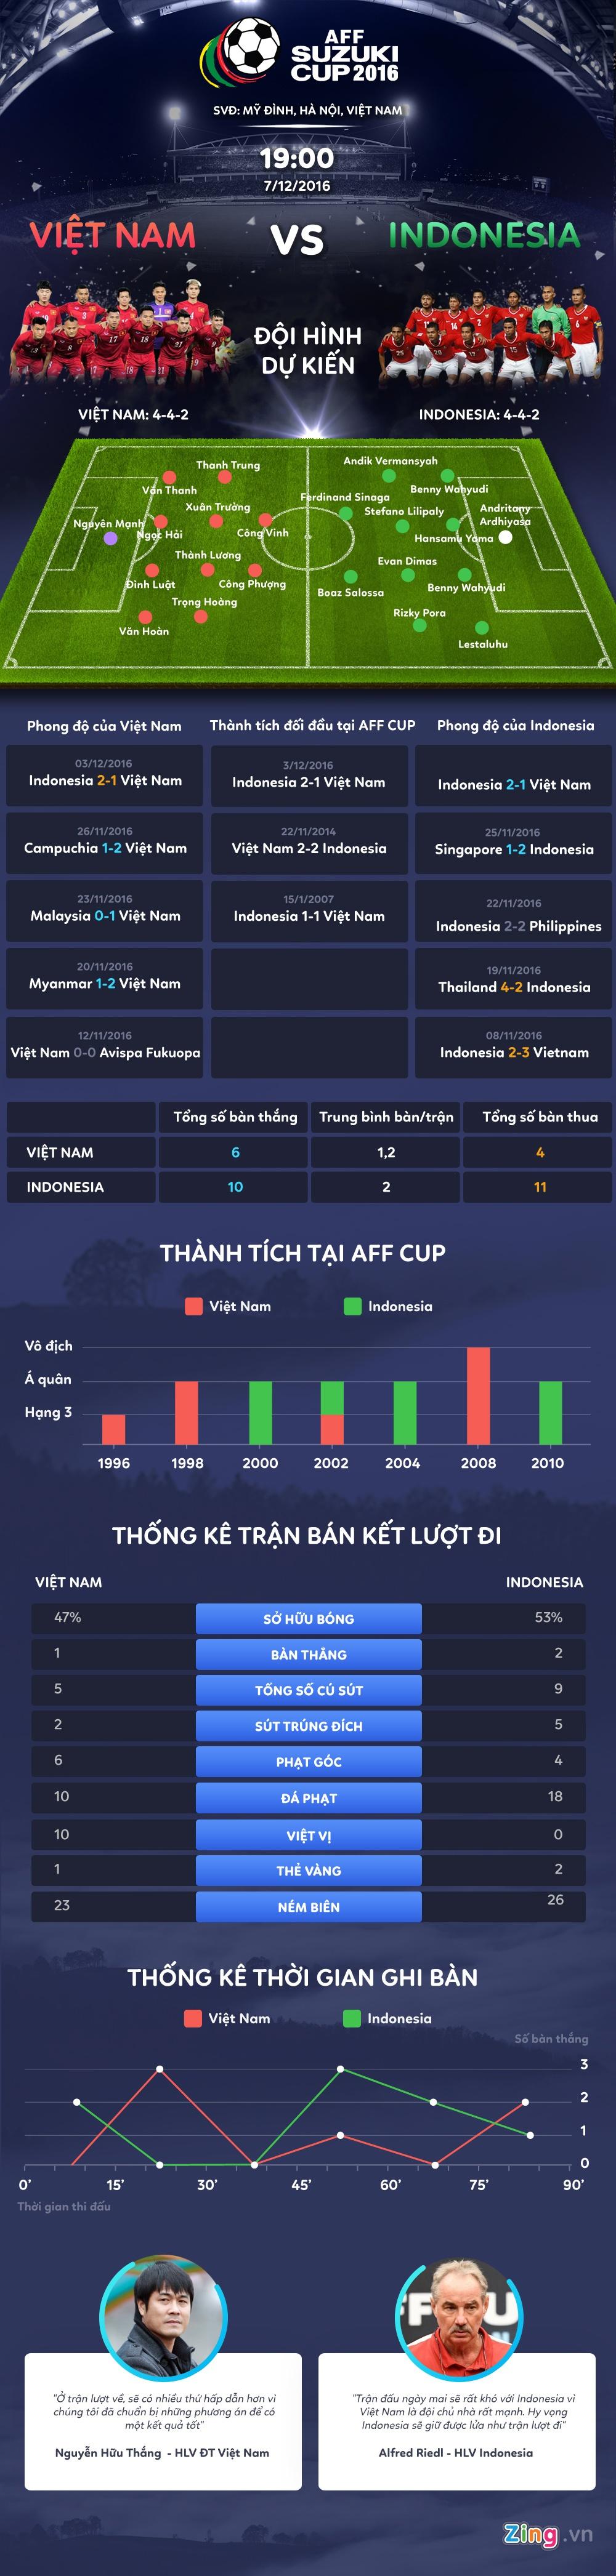 Viet Nam vs Indonesia: Mot ban cho tat ca hinh anh 1